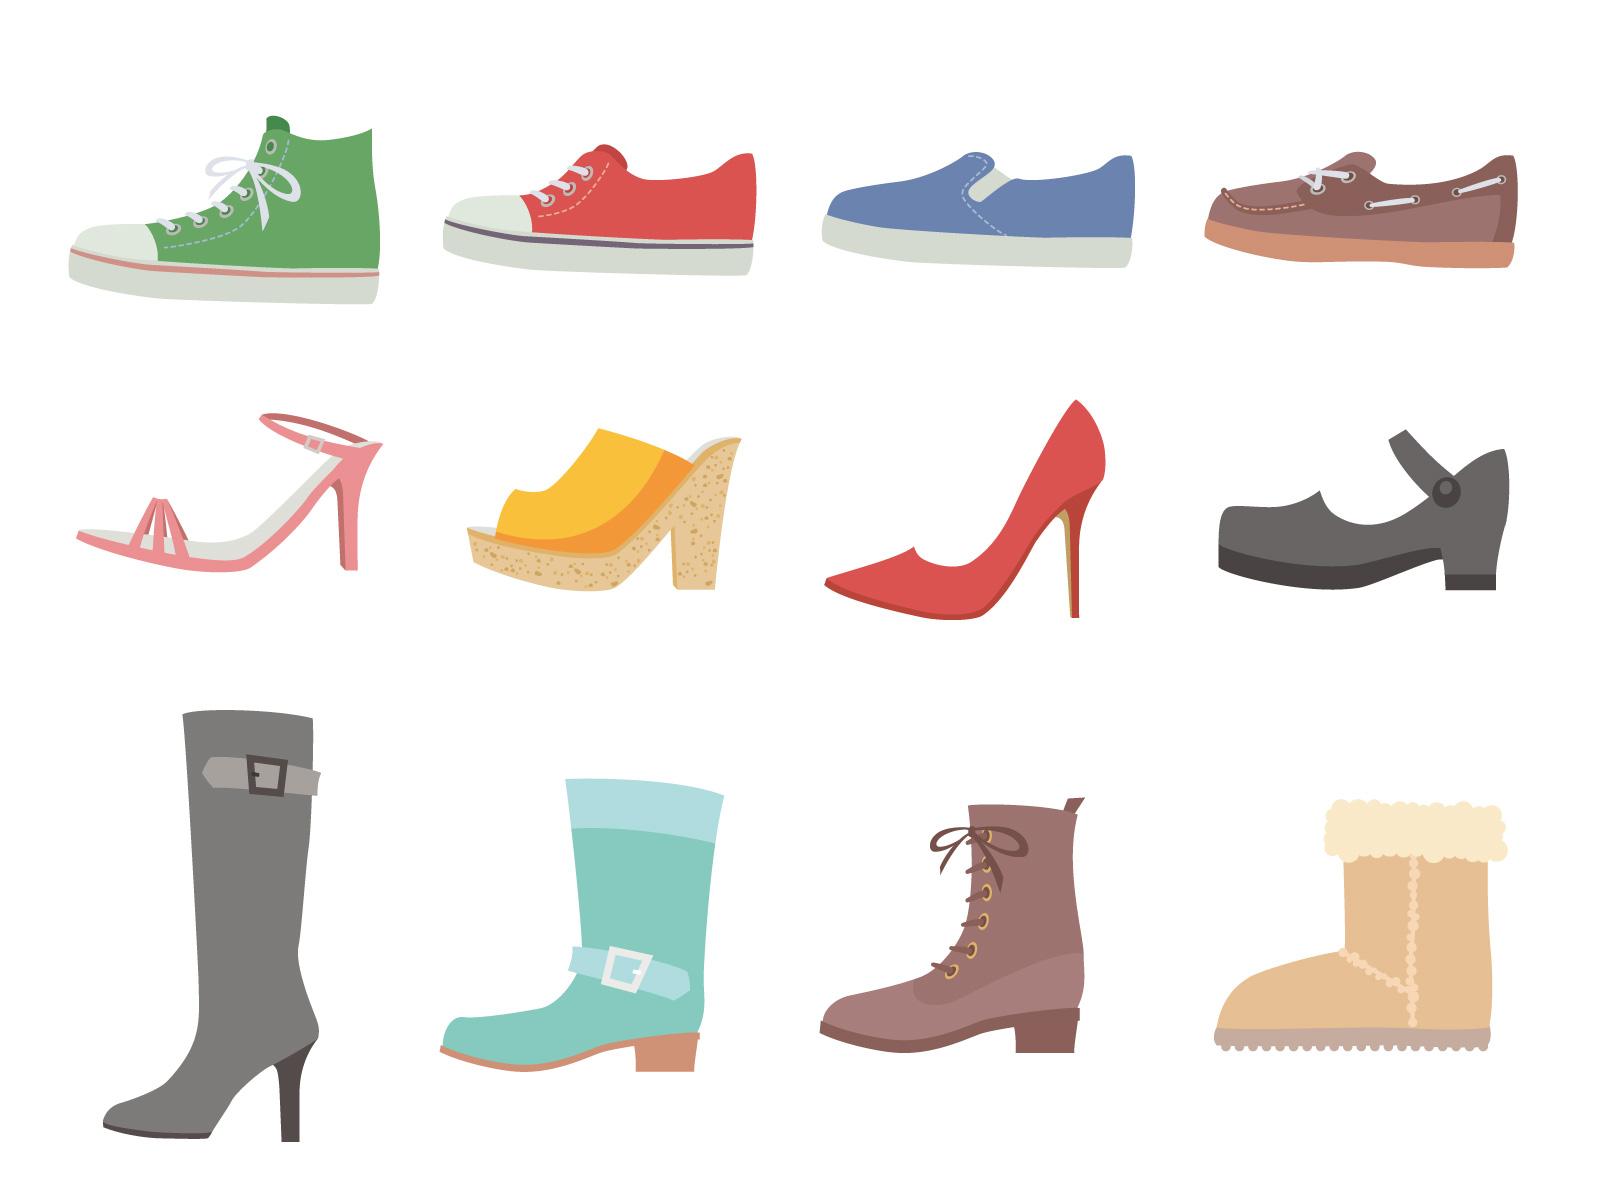 大量の靴のイメージ画像